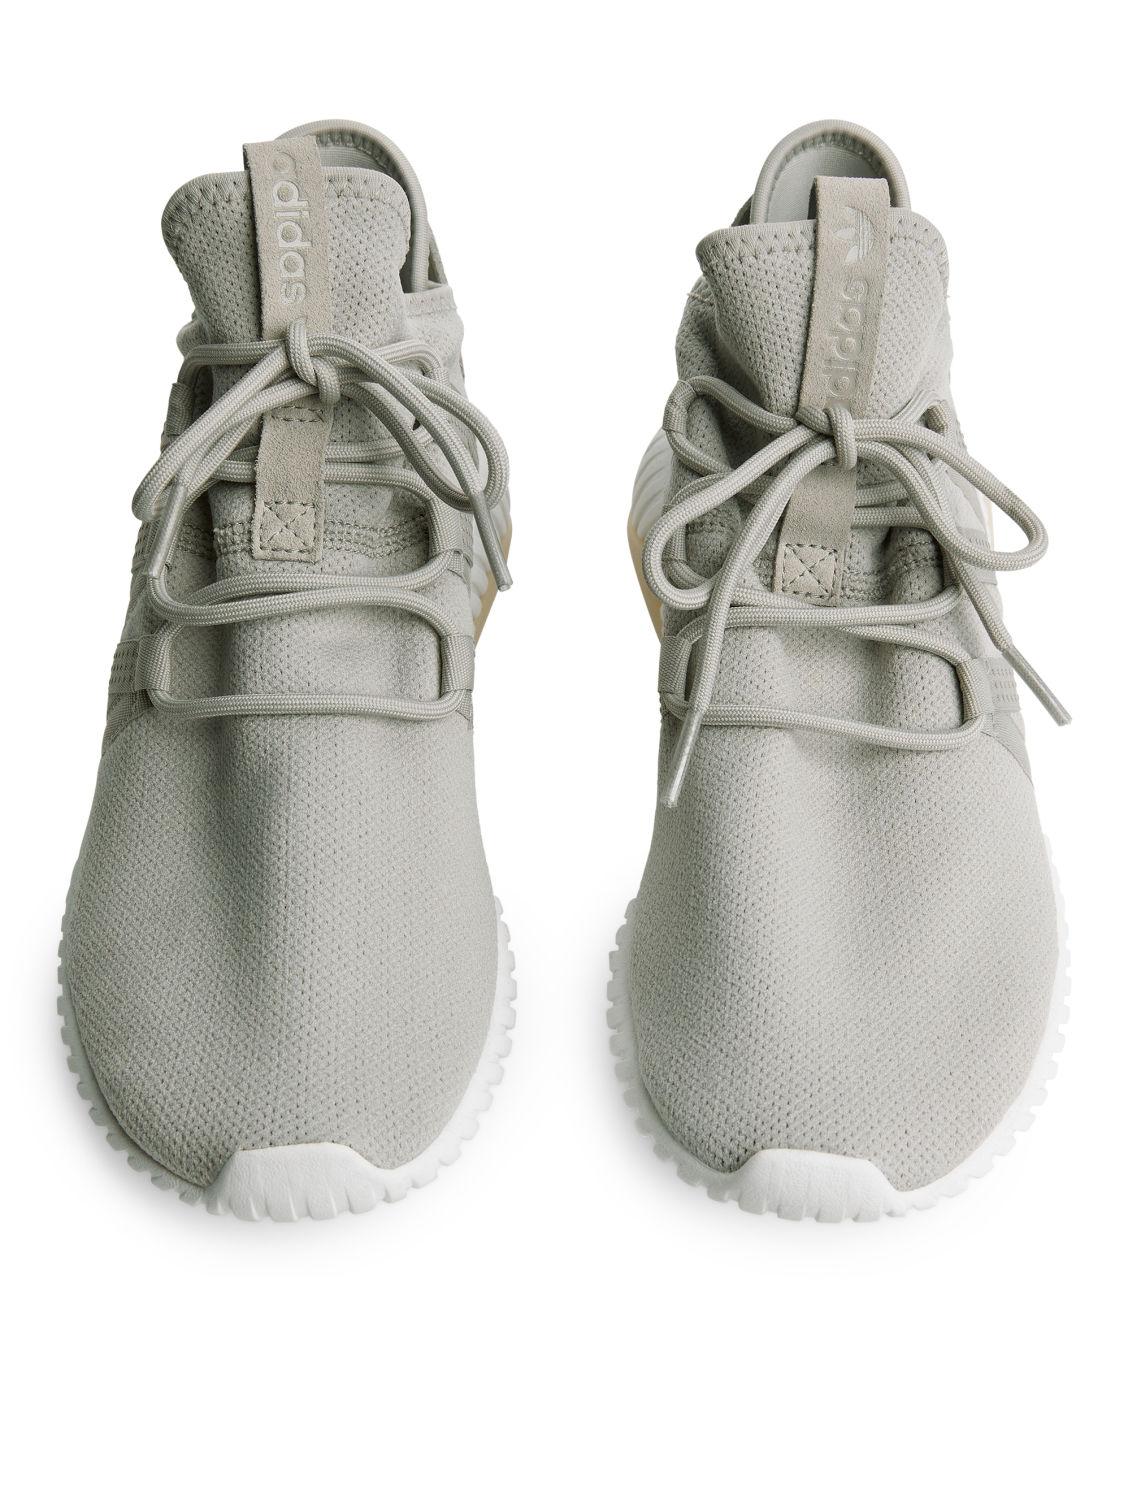 promo code d84b7 07faf adidas Tubular Dawn - Beige - Shoes - ARKET